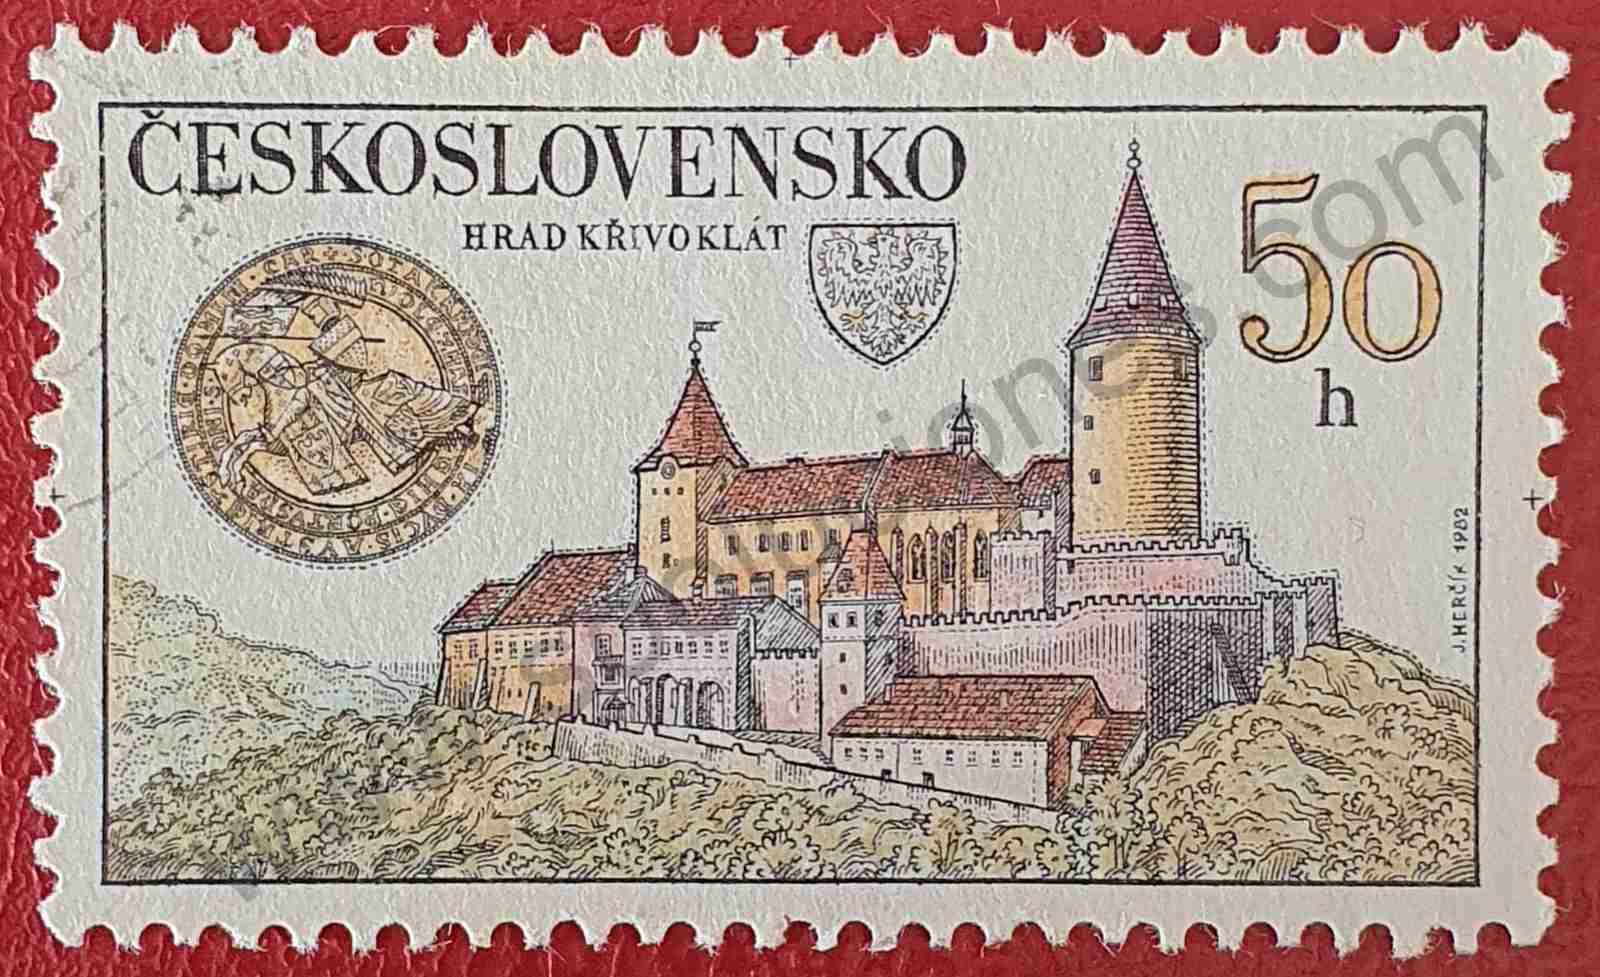 Castillo Krivoklat - Sello Checoslovaquia 1982